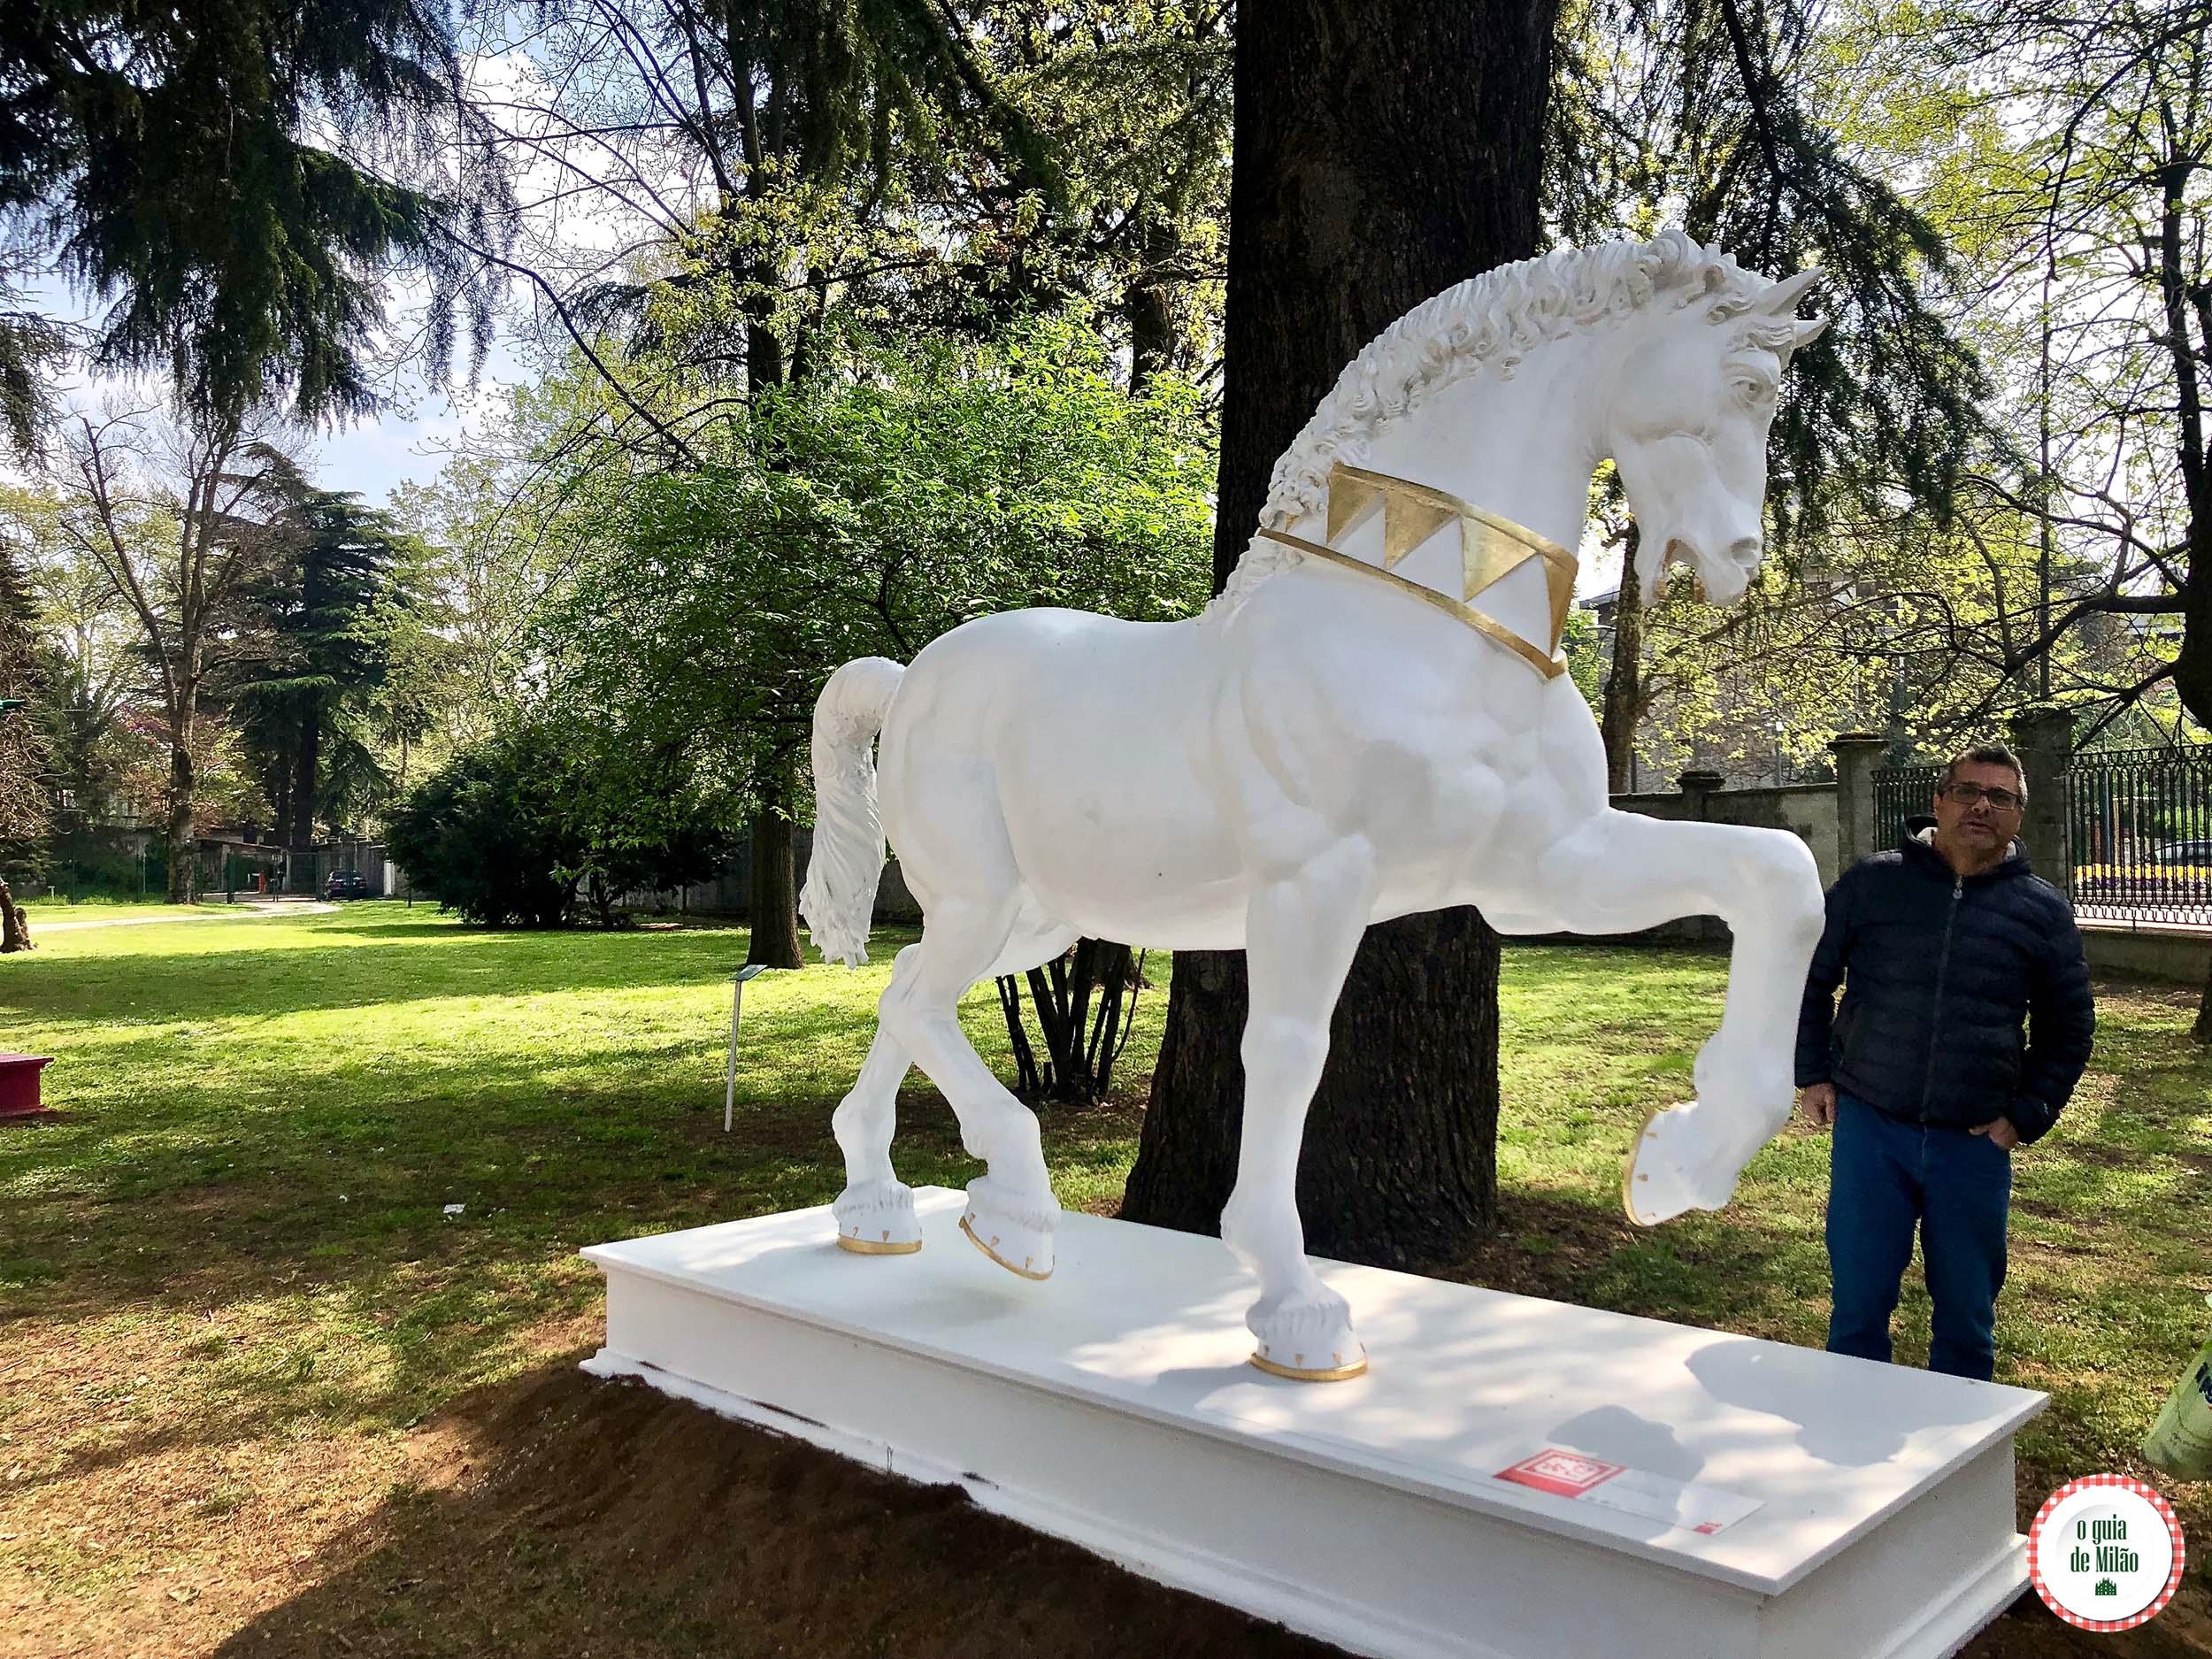 Exposição Leonardo Horse Project em Milão